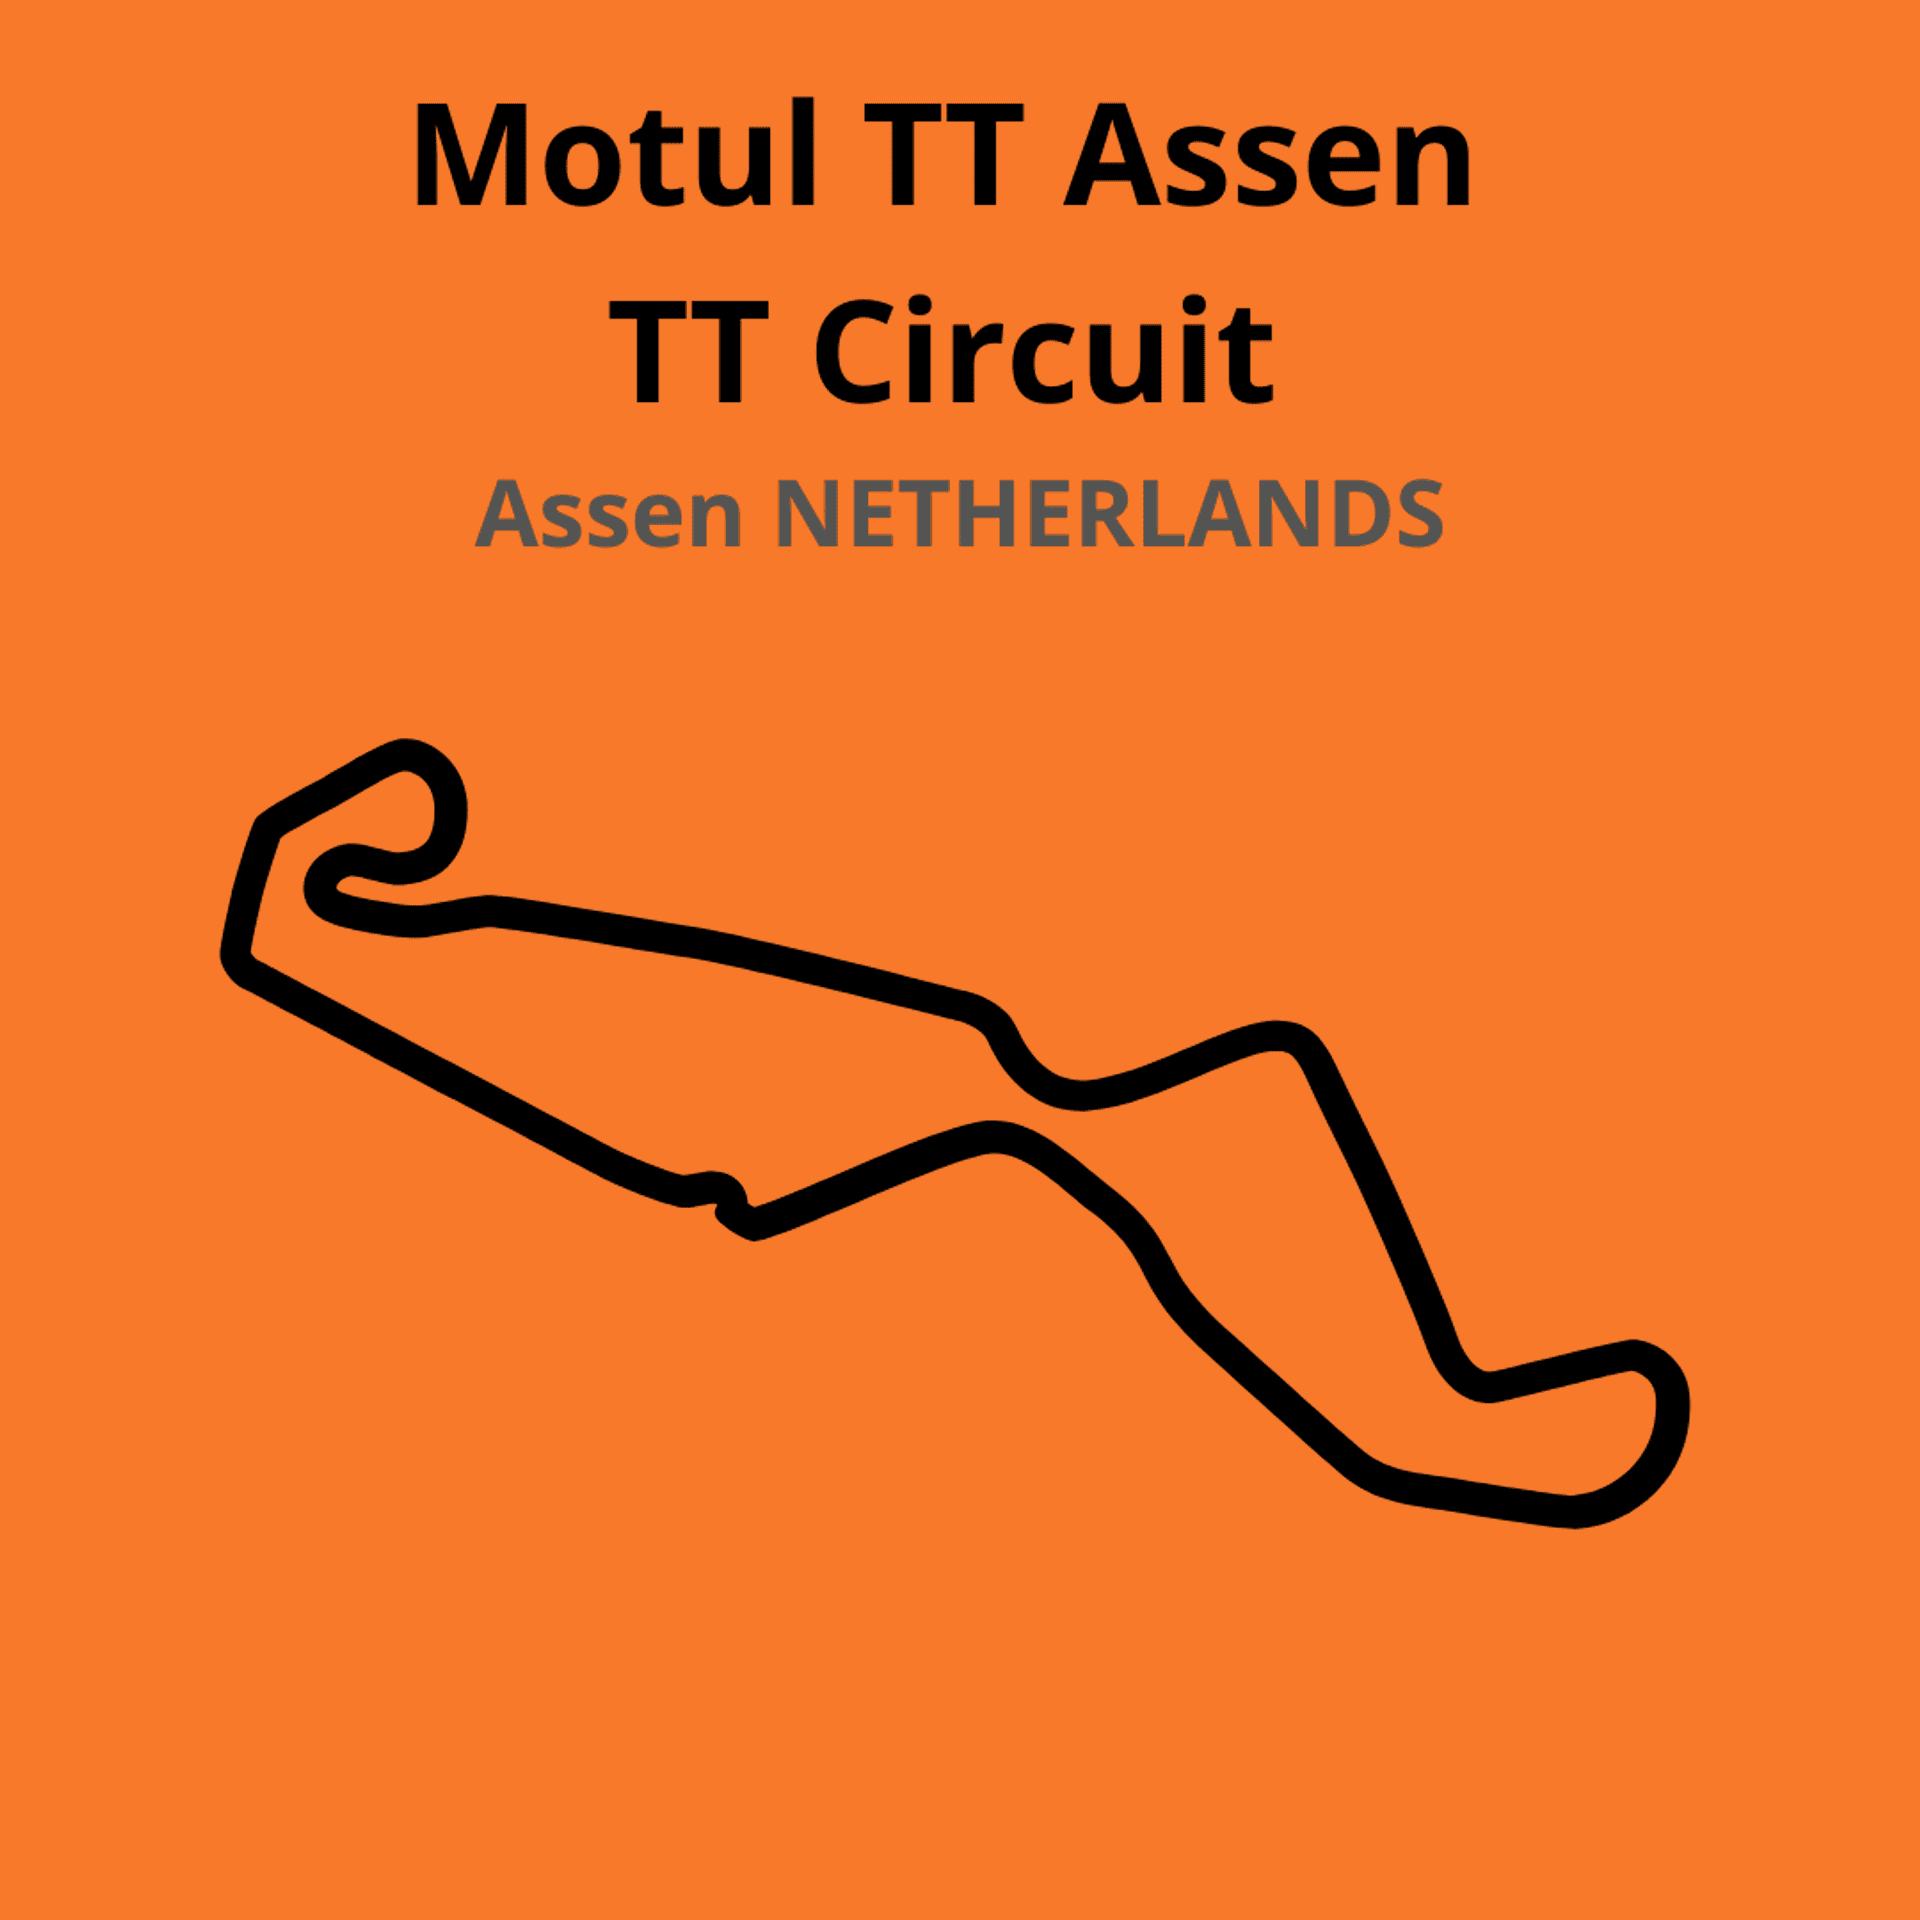 Motul TT Assen. Scopri tutte le gare del moto mondiale 2021.Le caratteristiche di ogni circuito, i record e difficoltà.Segui insieme a noi tutte le gare di Tony Arbolino nella sua nuova avventura in Moto2